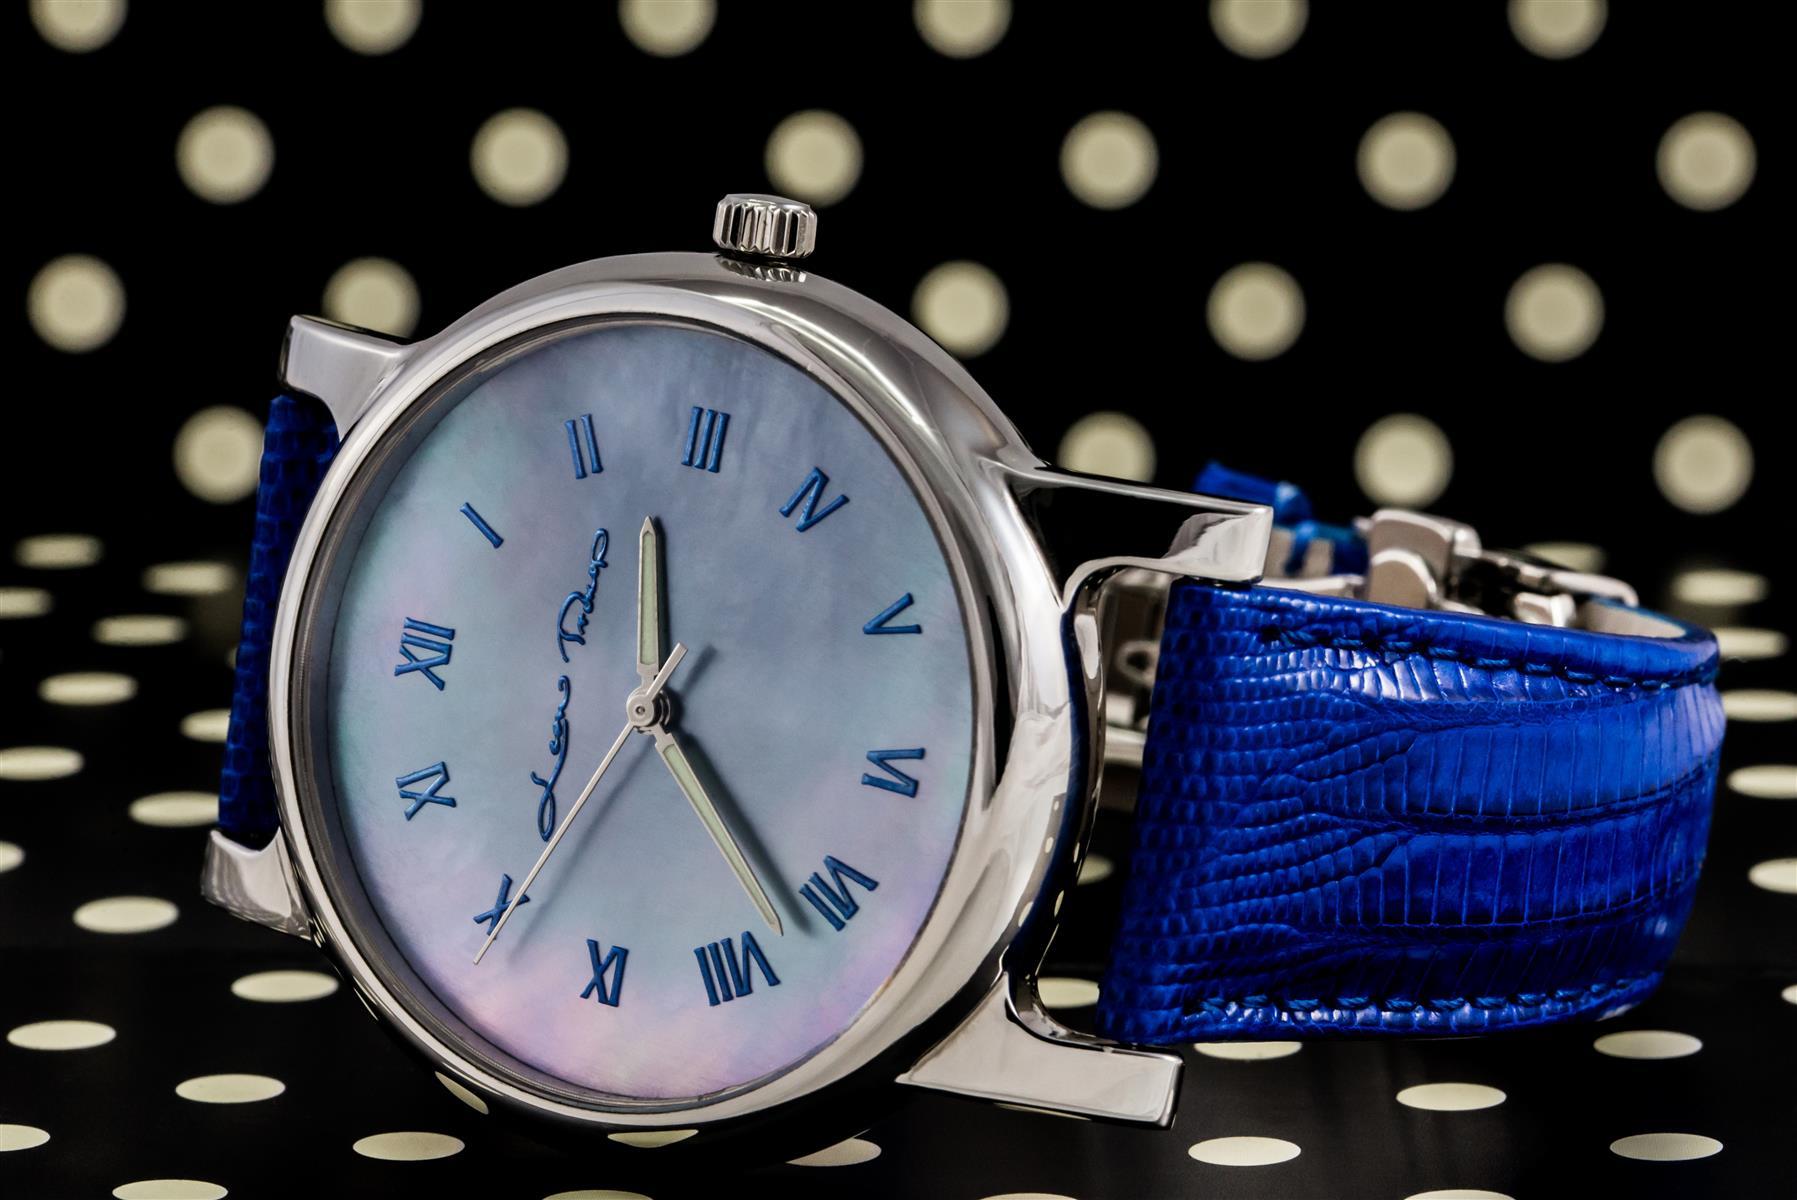 932ac9fc4ef210 Leon Prokop - dokładność i piękno kluczem do sukcesu? Najbardziej sportowym  zegarkiem w całej kolekcji firmy ...